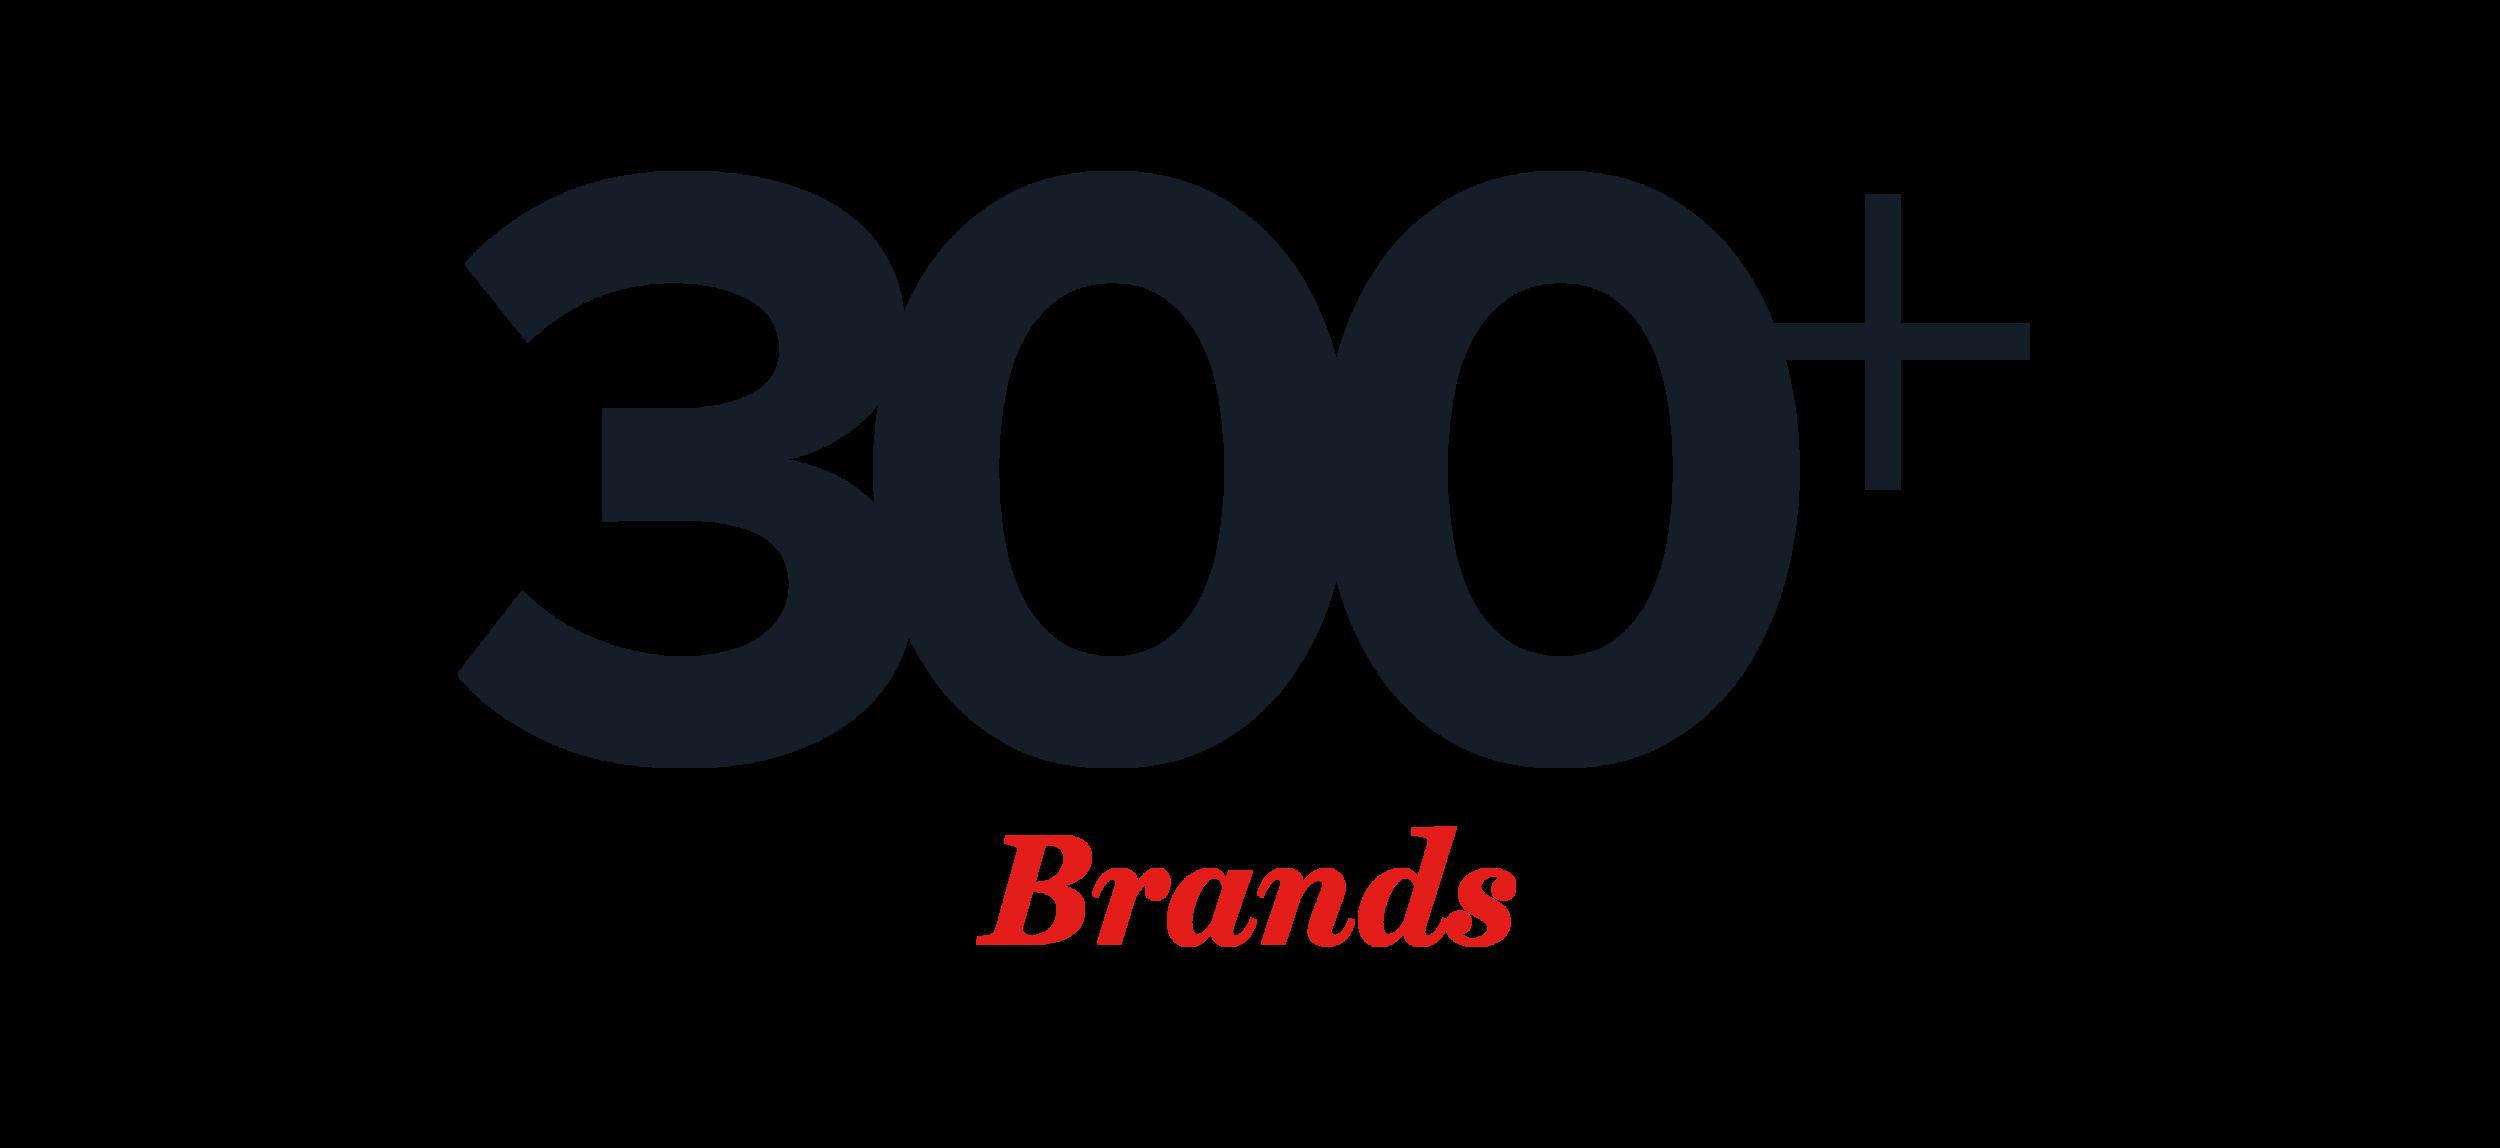 matter_more_media_brands.jpg